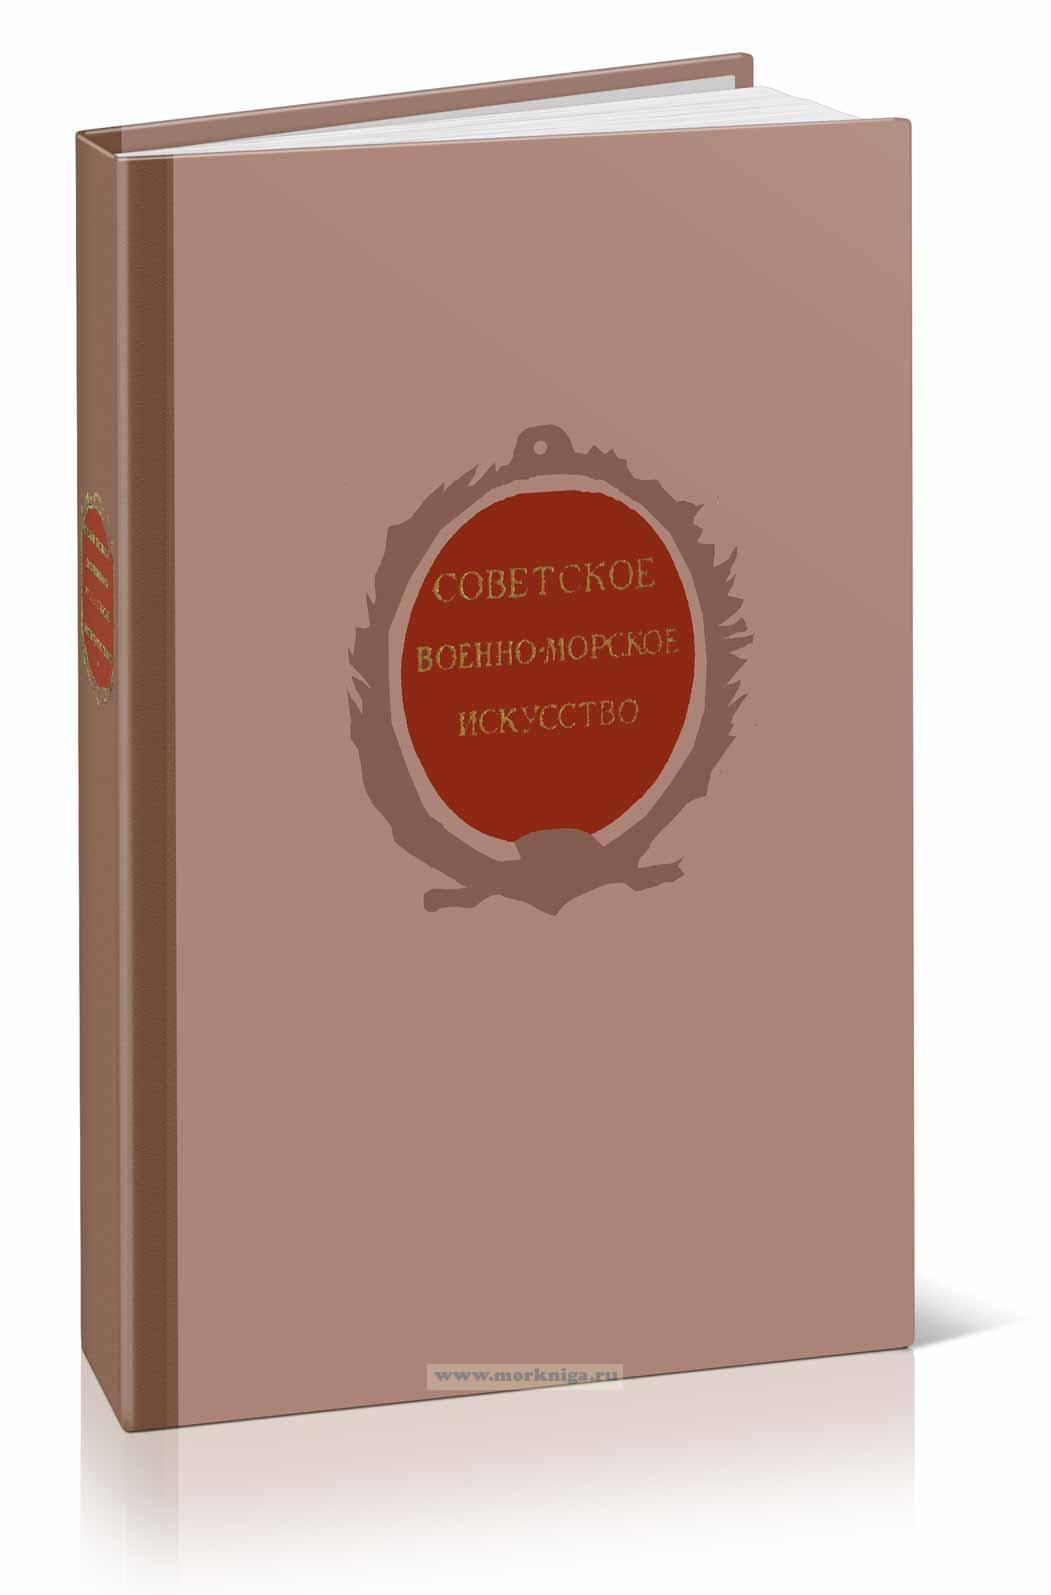 Советское военно-морское искусство. Сборник статей